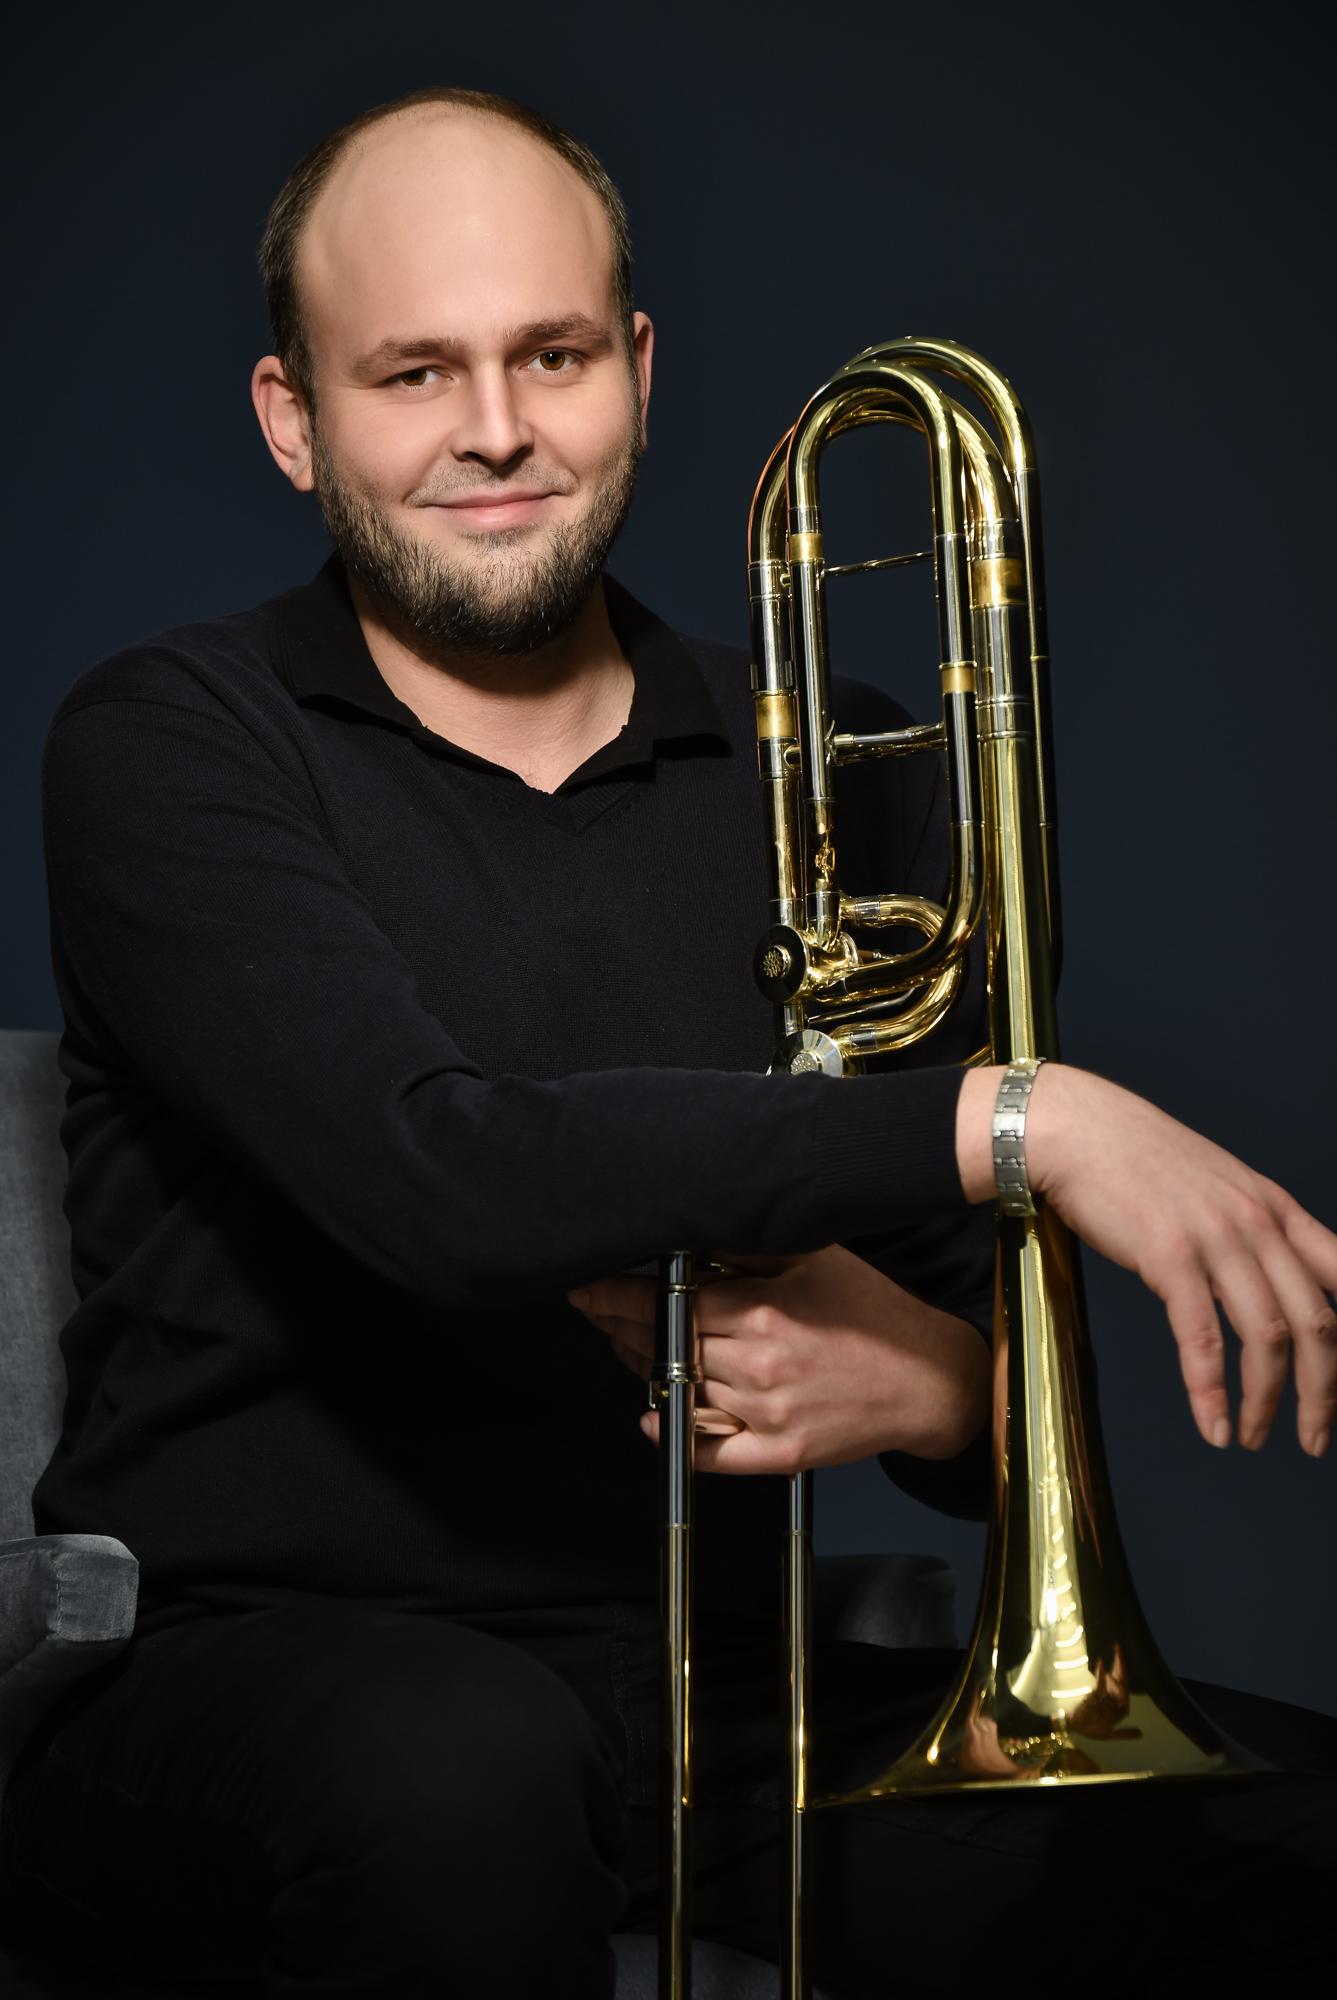 Šimon Pavlík